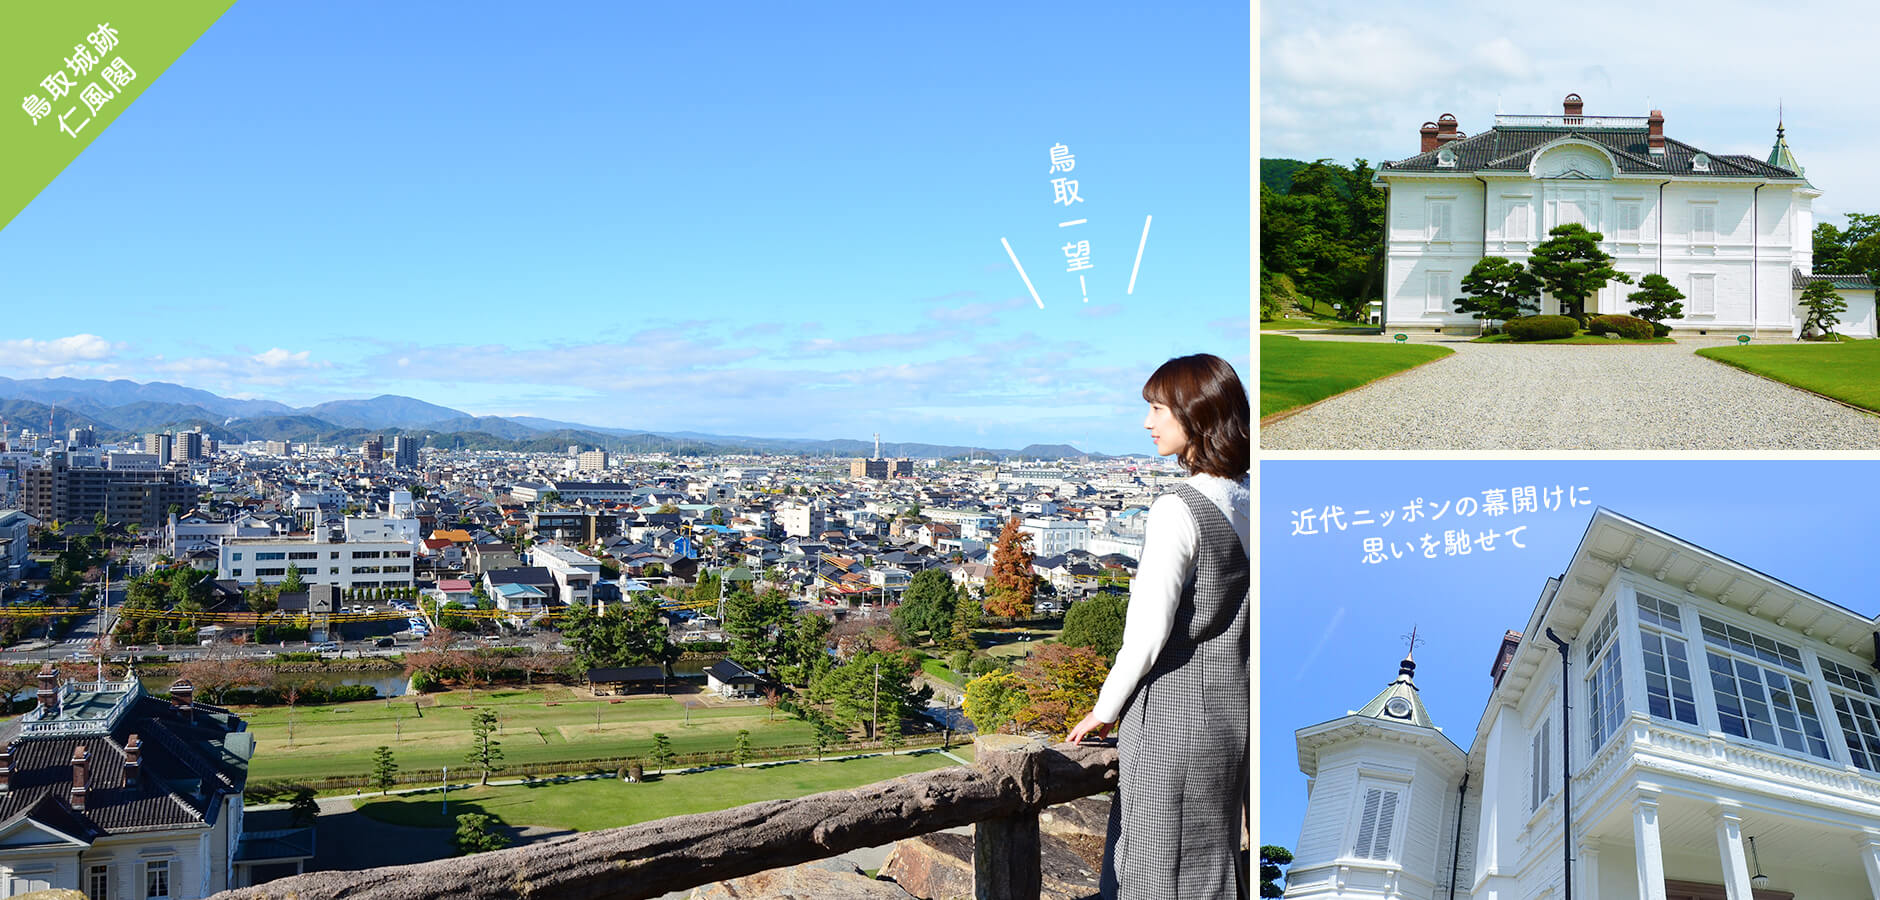 鳥取城跡・仁風閣